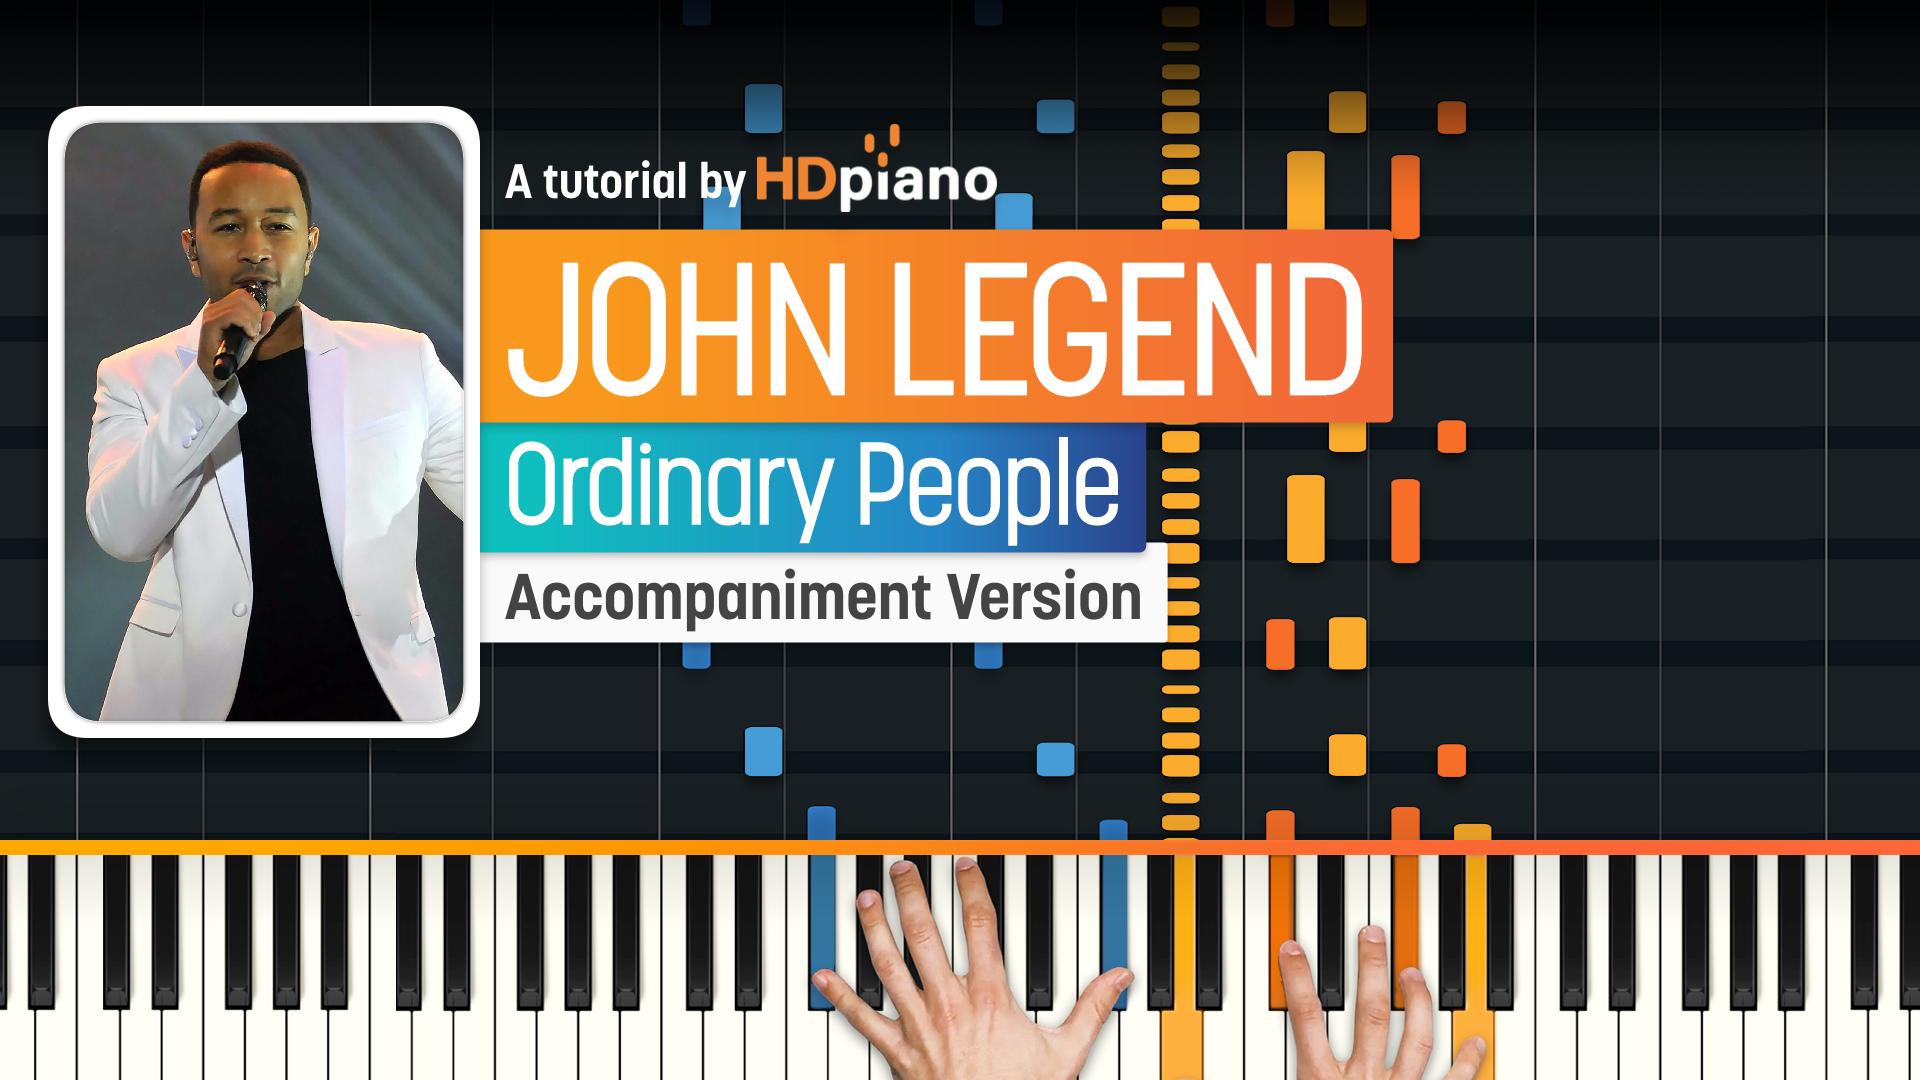 Ordinary People – HDpiano